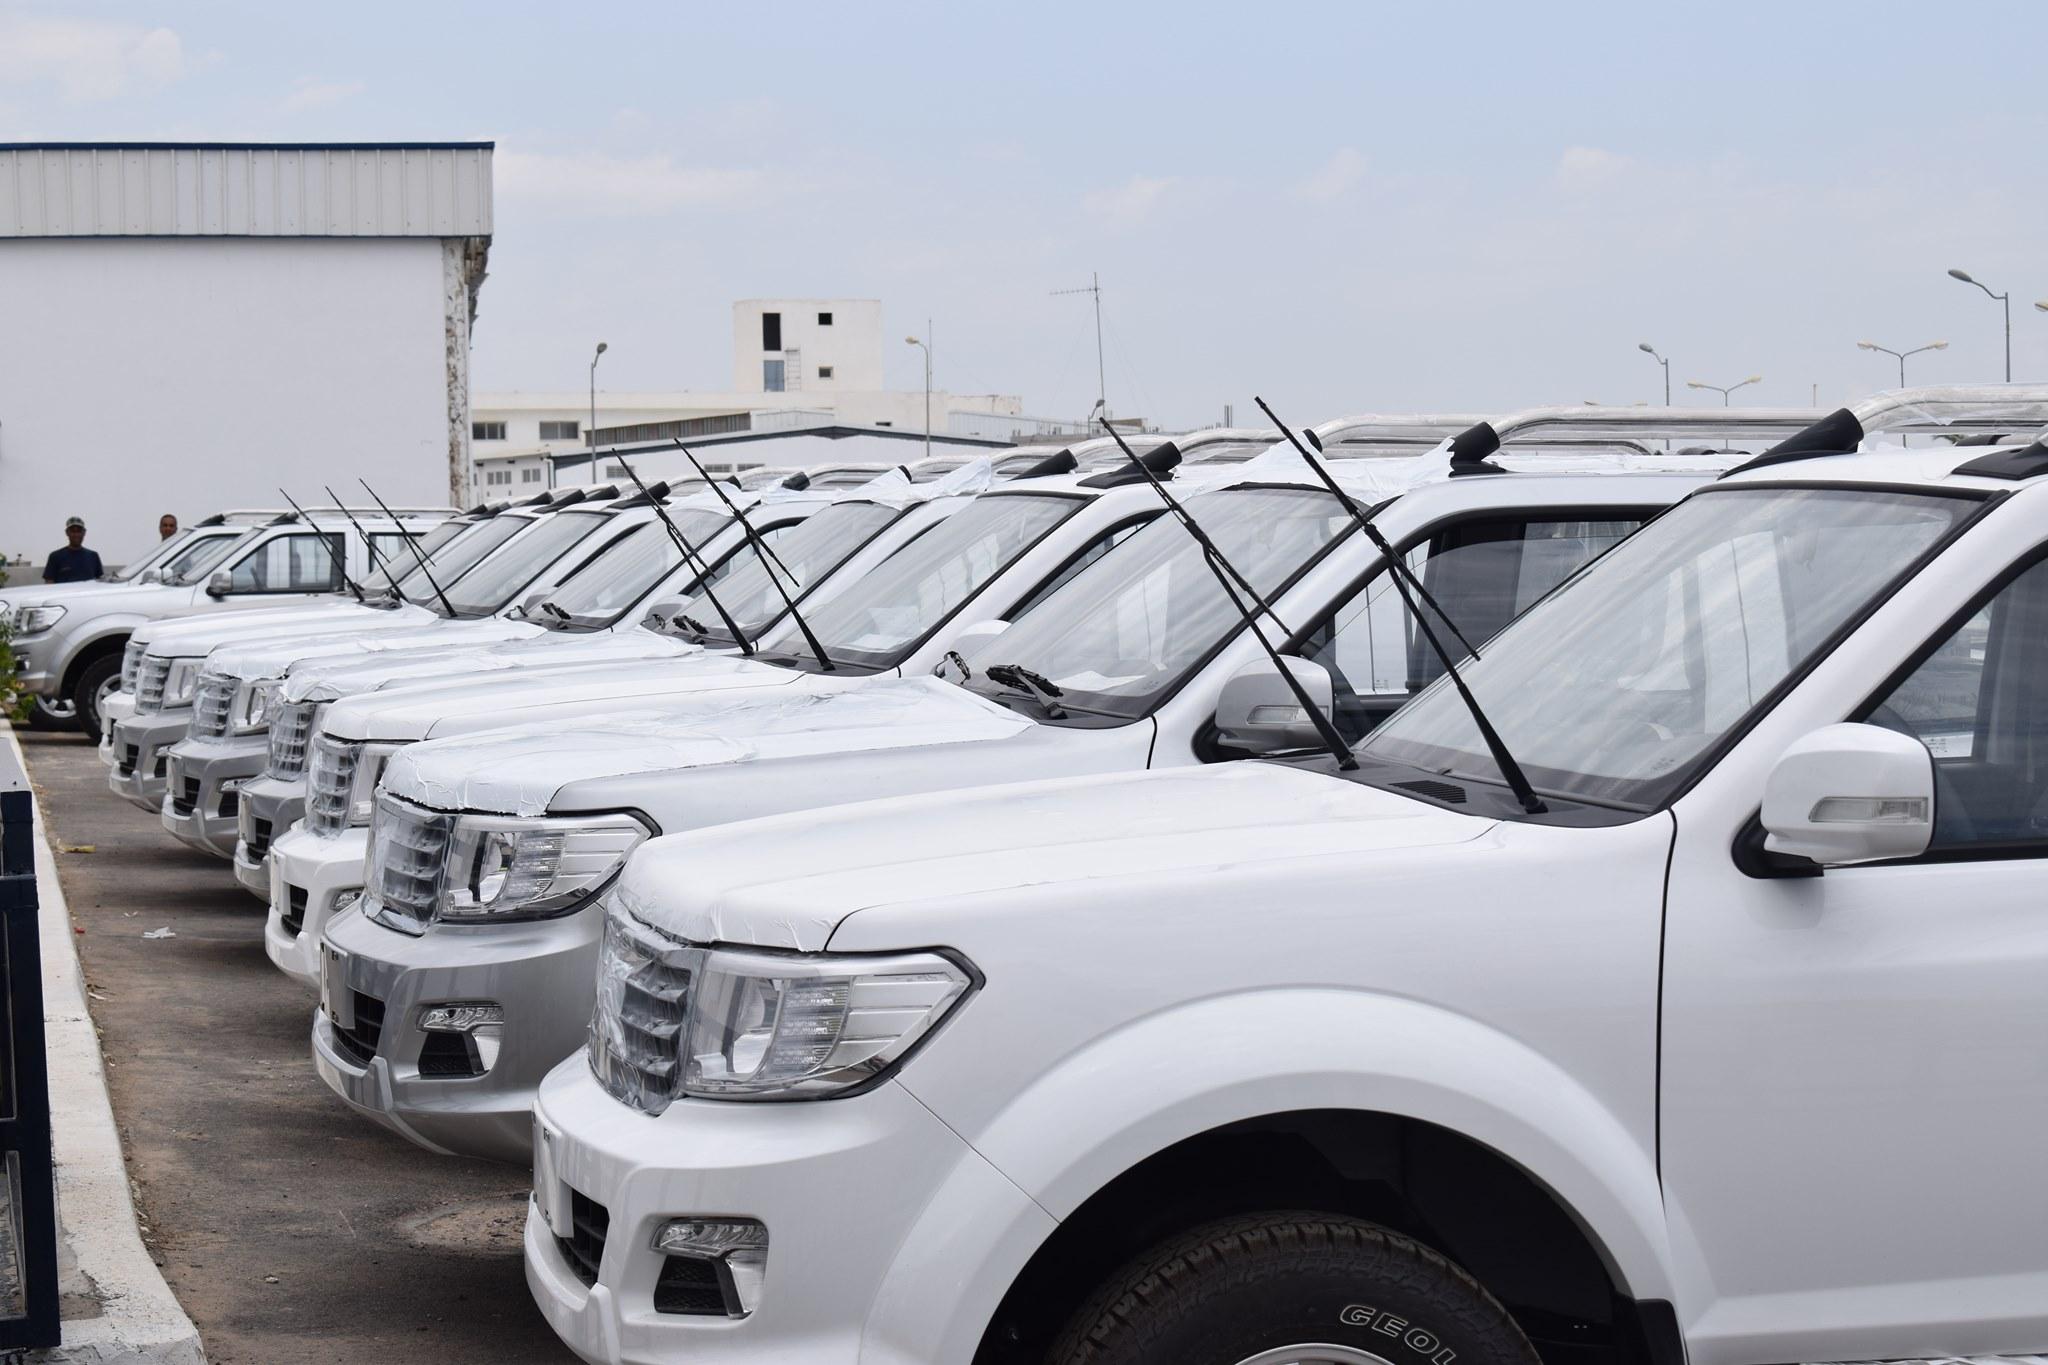 بداية من اليوم: الشروع في تصدير 200 سيارة إلى الكوت ديفوار على دفعات